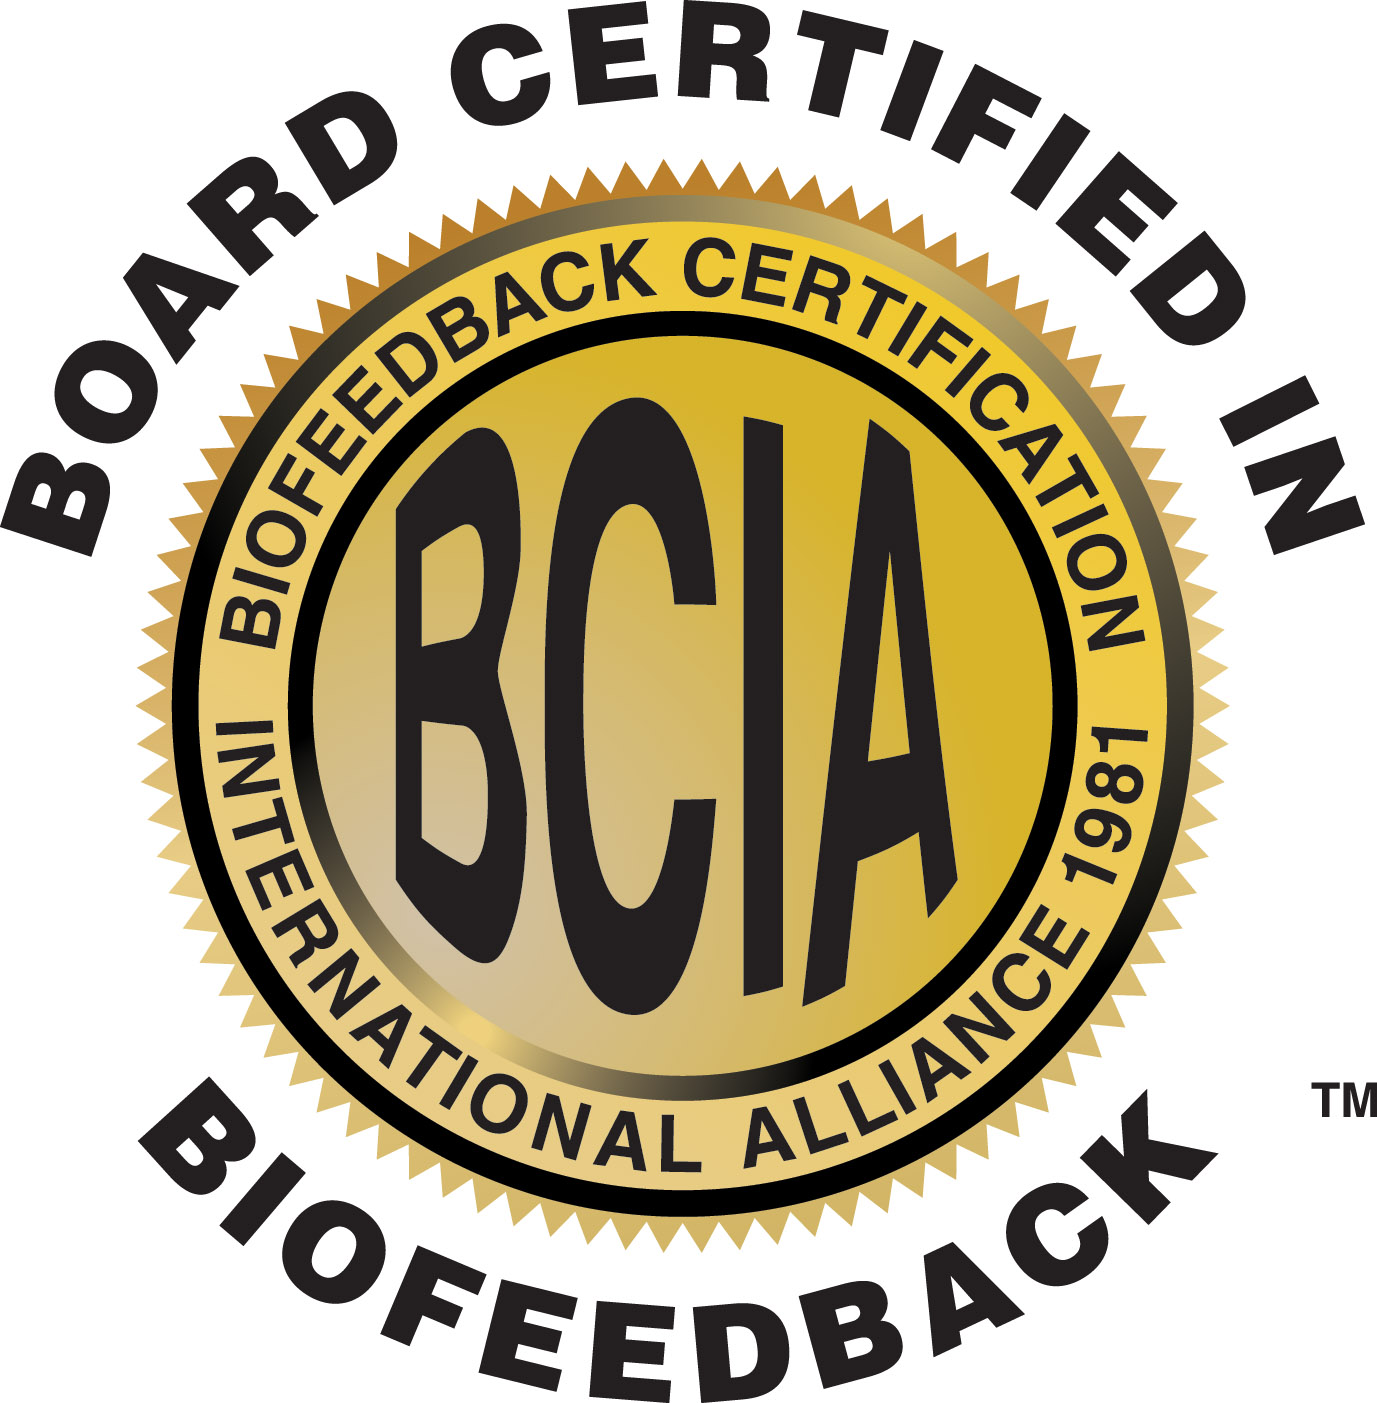 BCIA_BoardCertifiedInBiofeedback_Gold.jpg